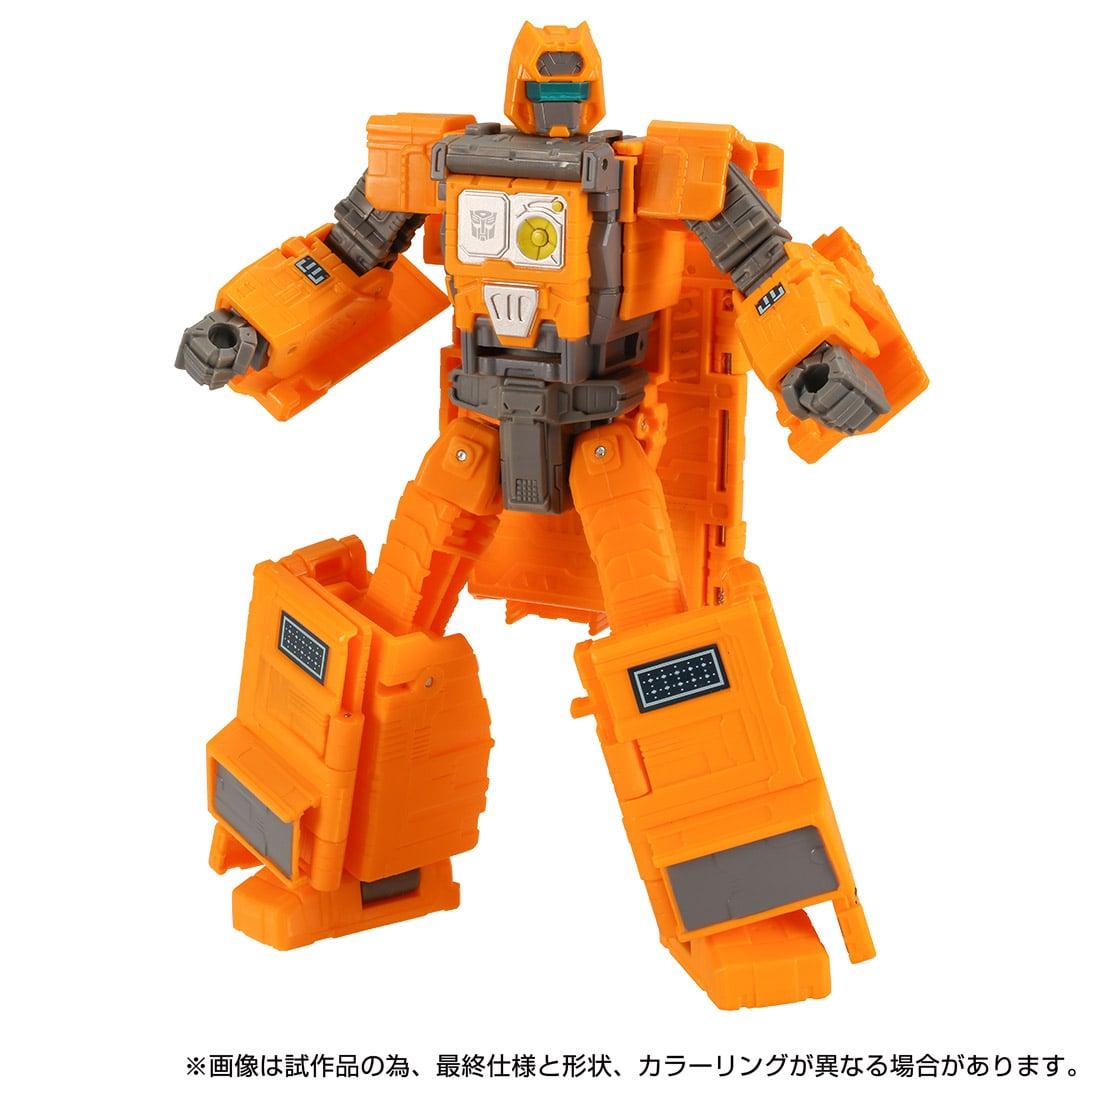 【限定販売】トランスフォーマー キングダム『KD EX-09 オートボットアーク』可変可動フィギュア-006